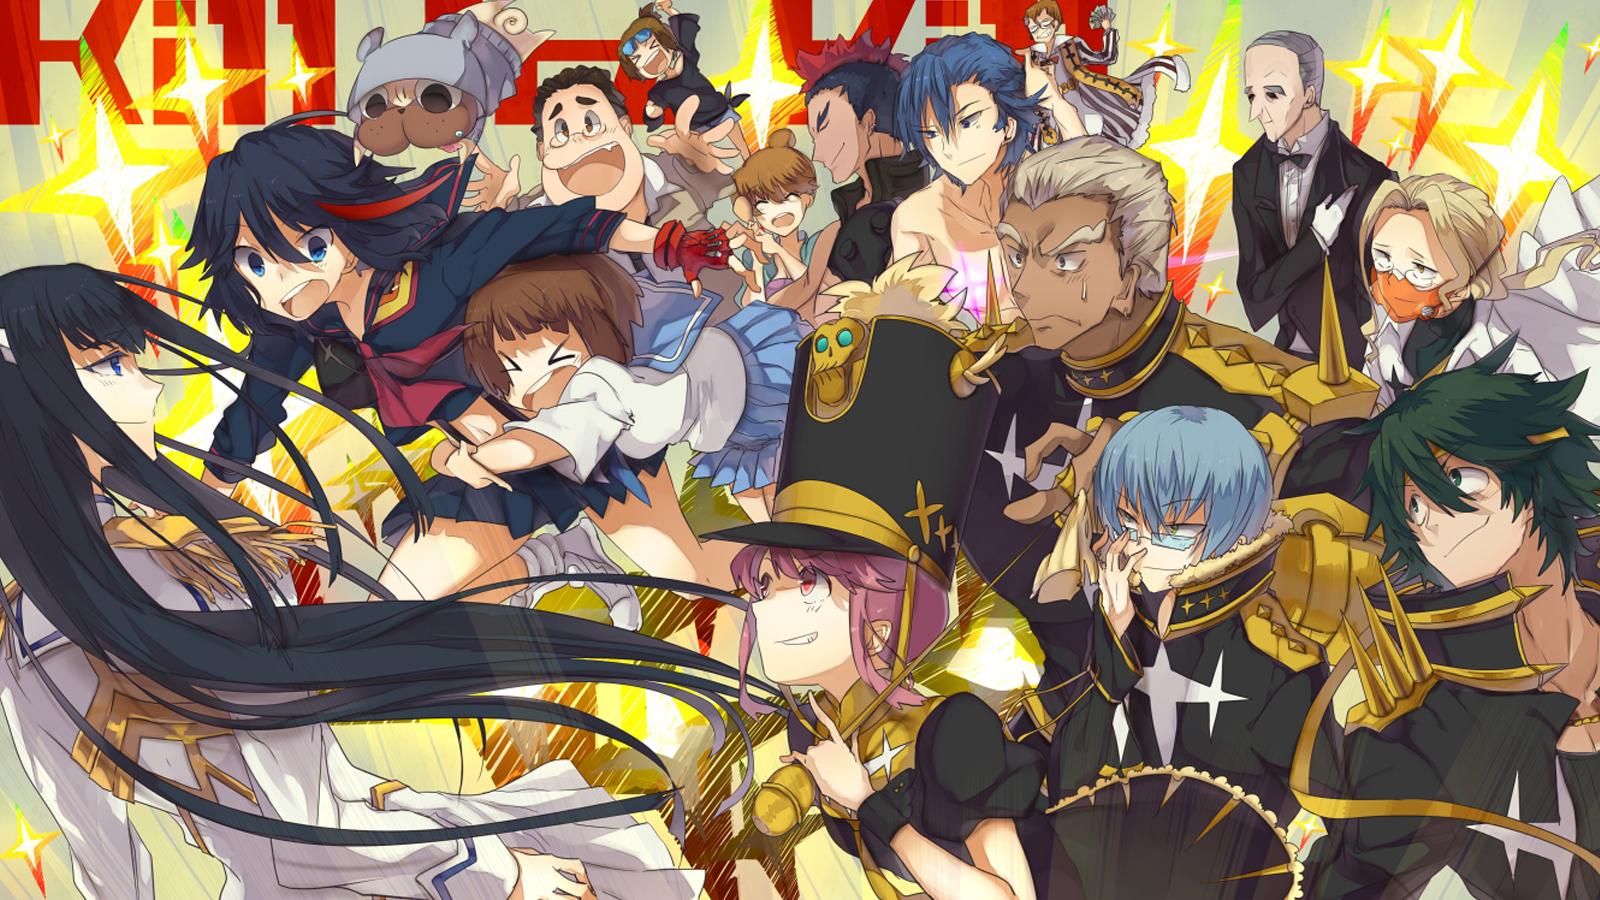 Kill la Kill Anime Characters 6g Wallpaper HD 1600x900